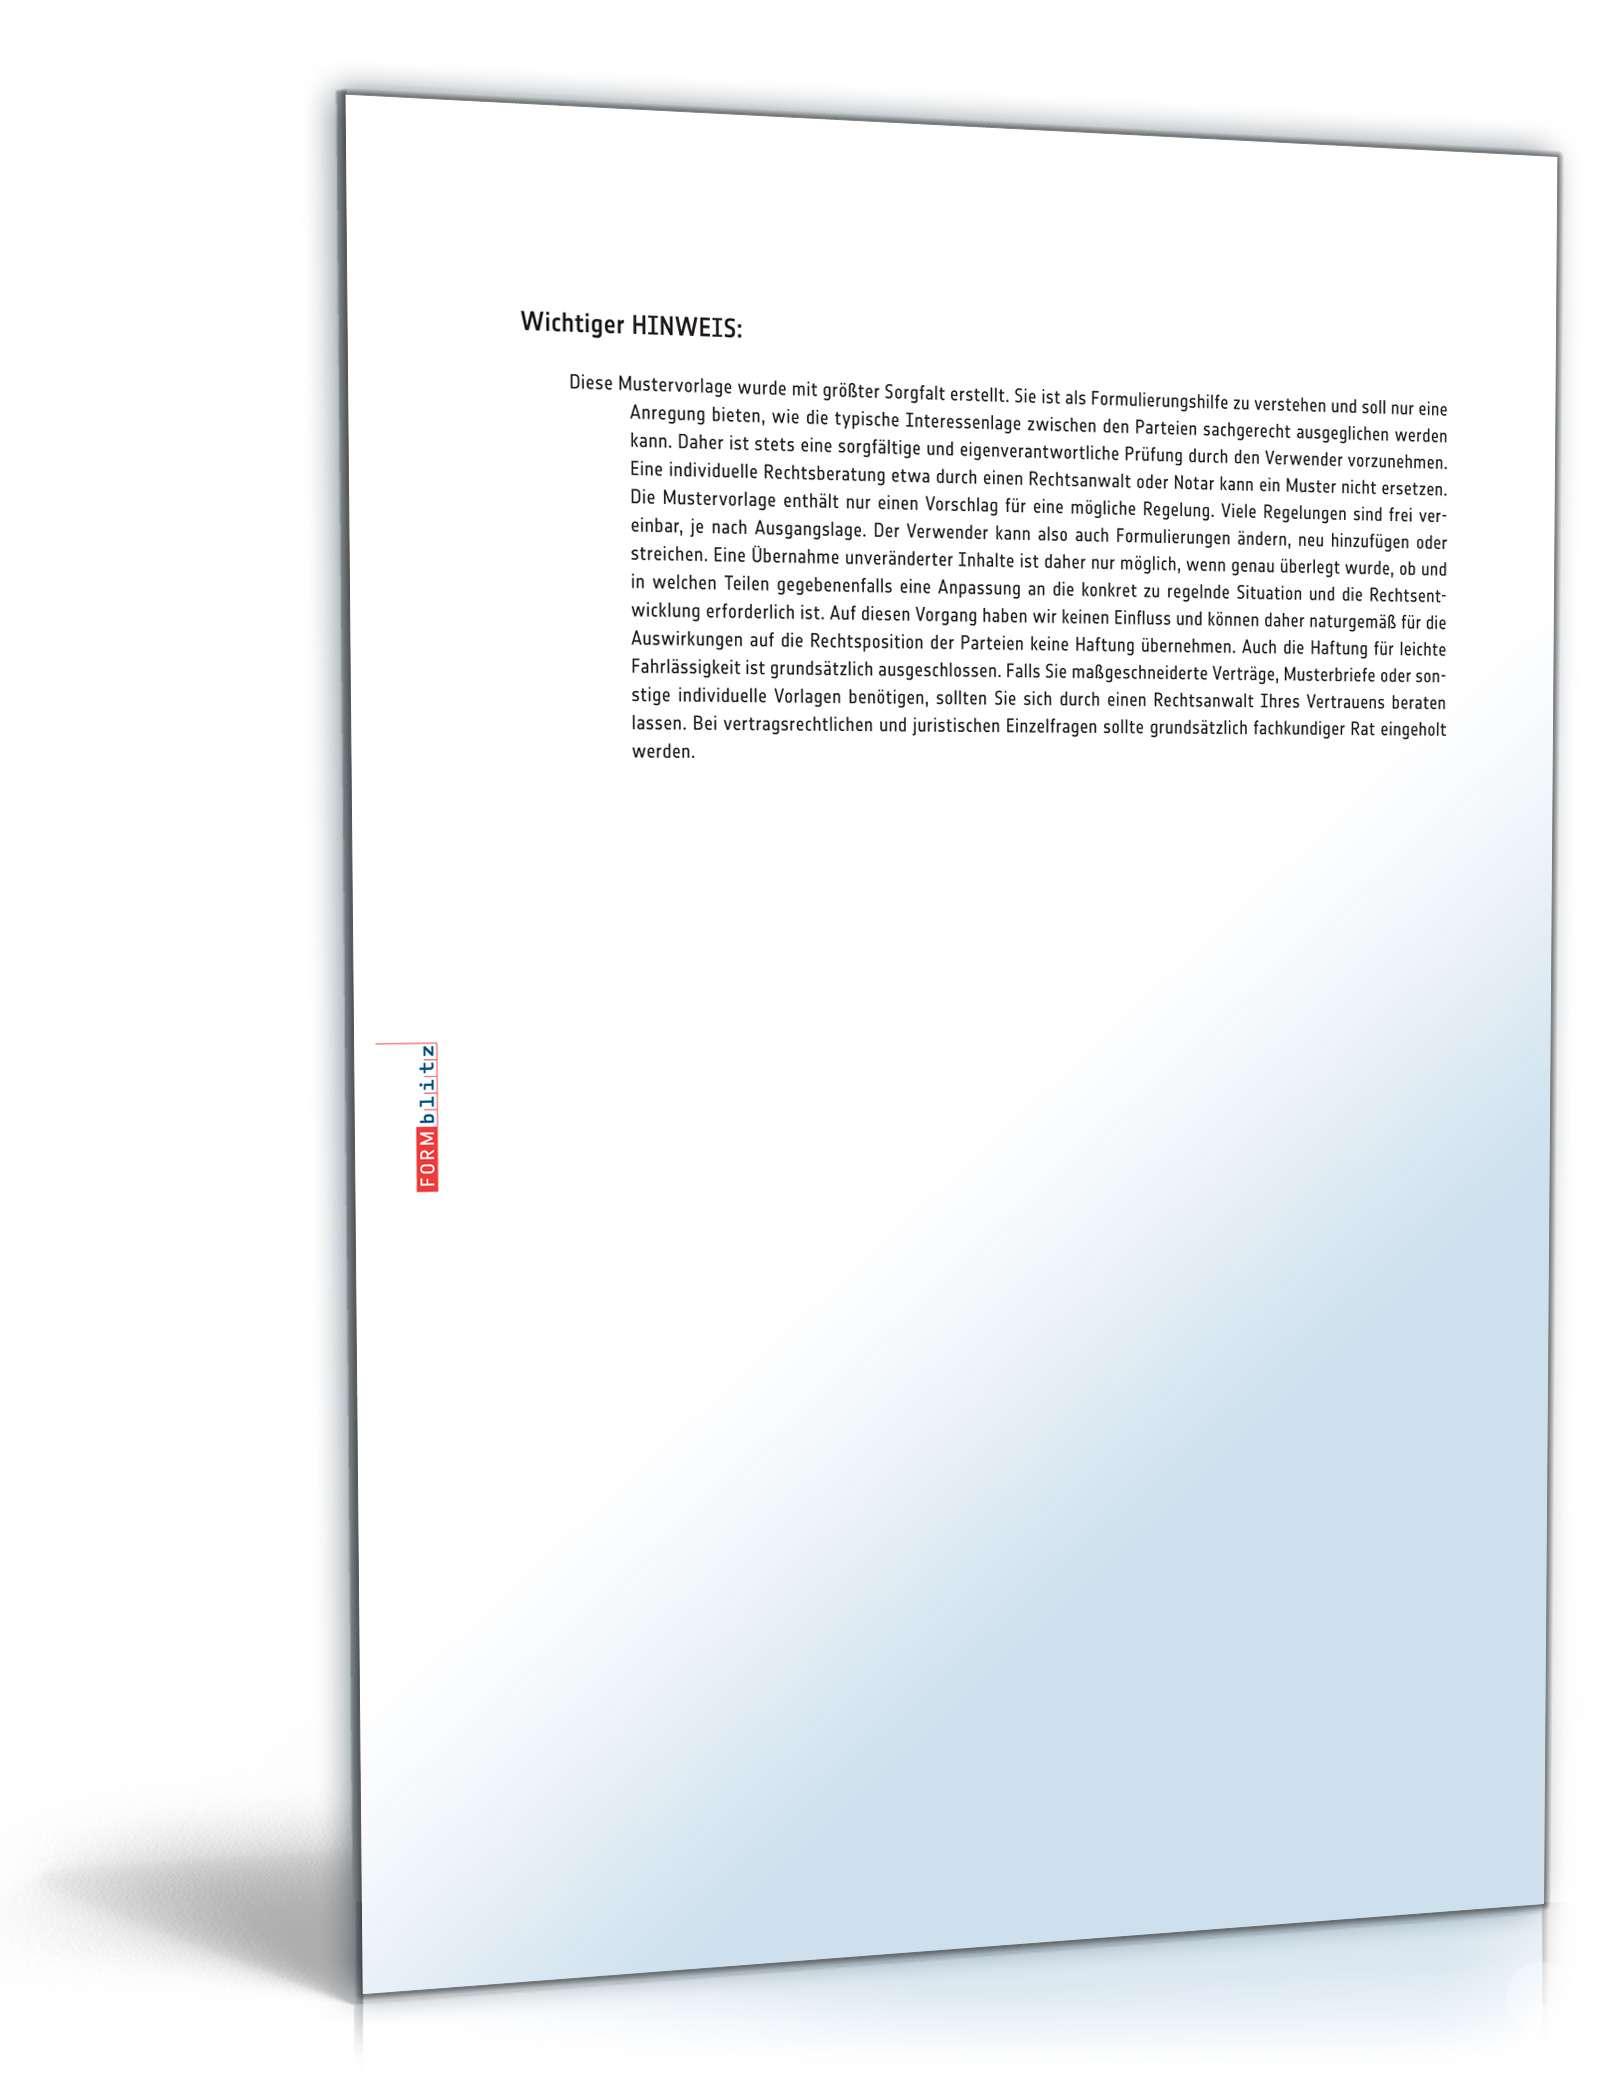 pdf seite 2 - Sepa Mandat Muster